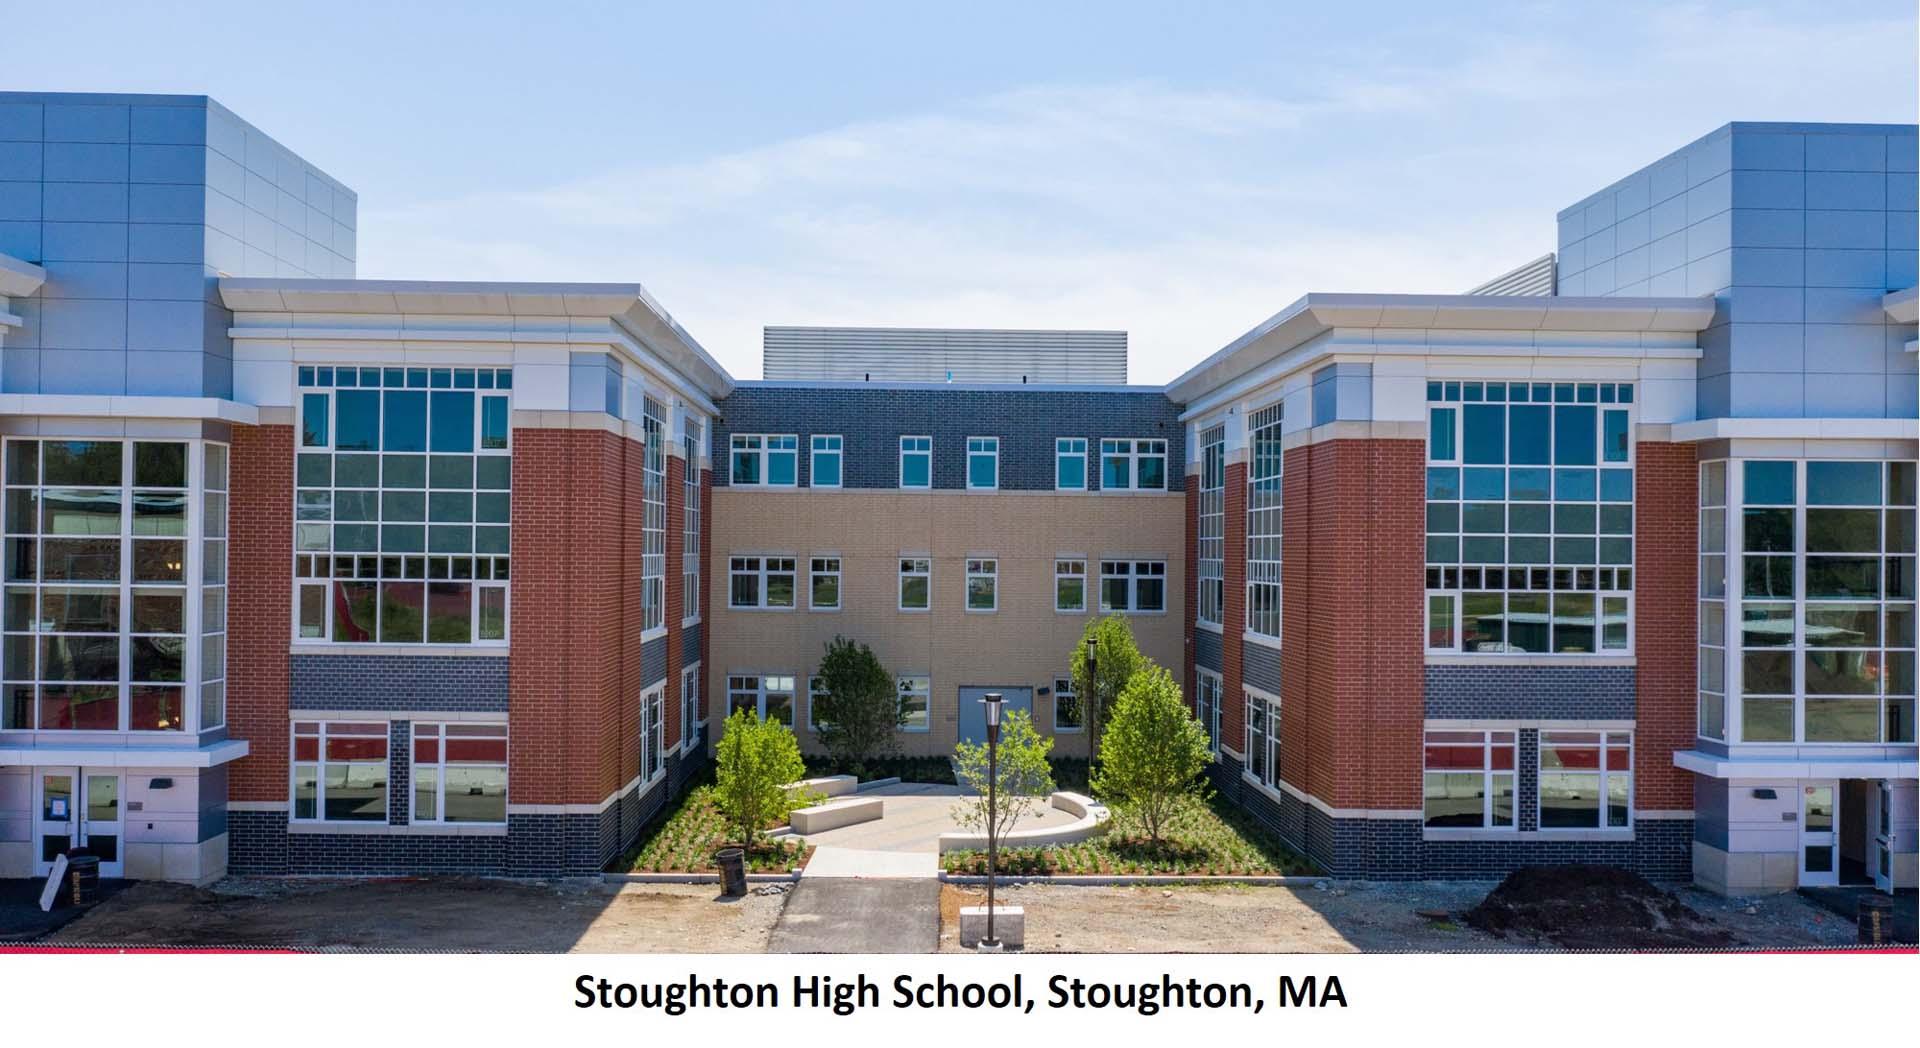 Stoughton High School Stoughton MA